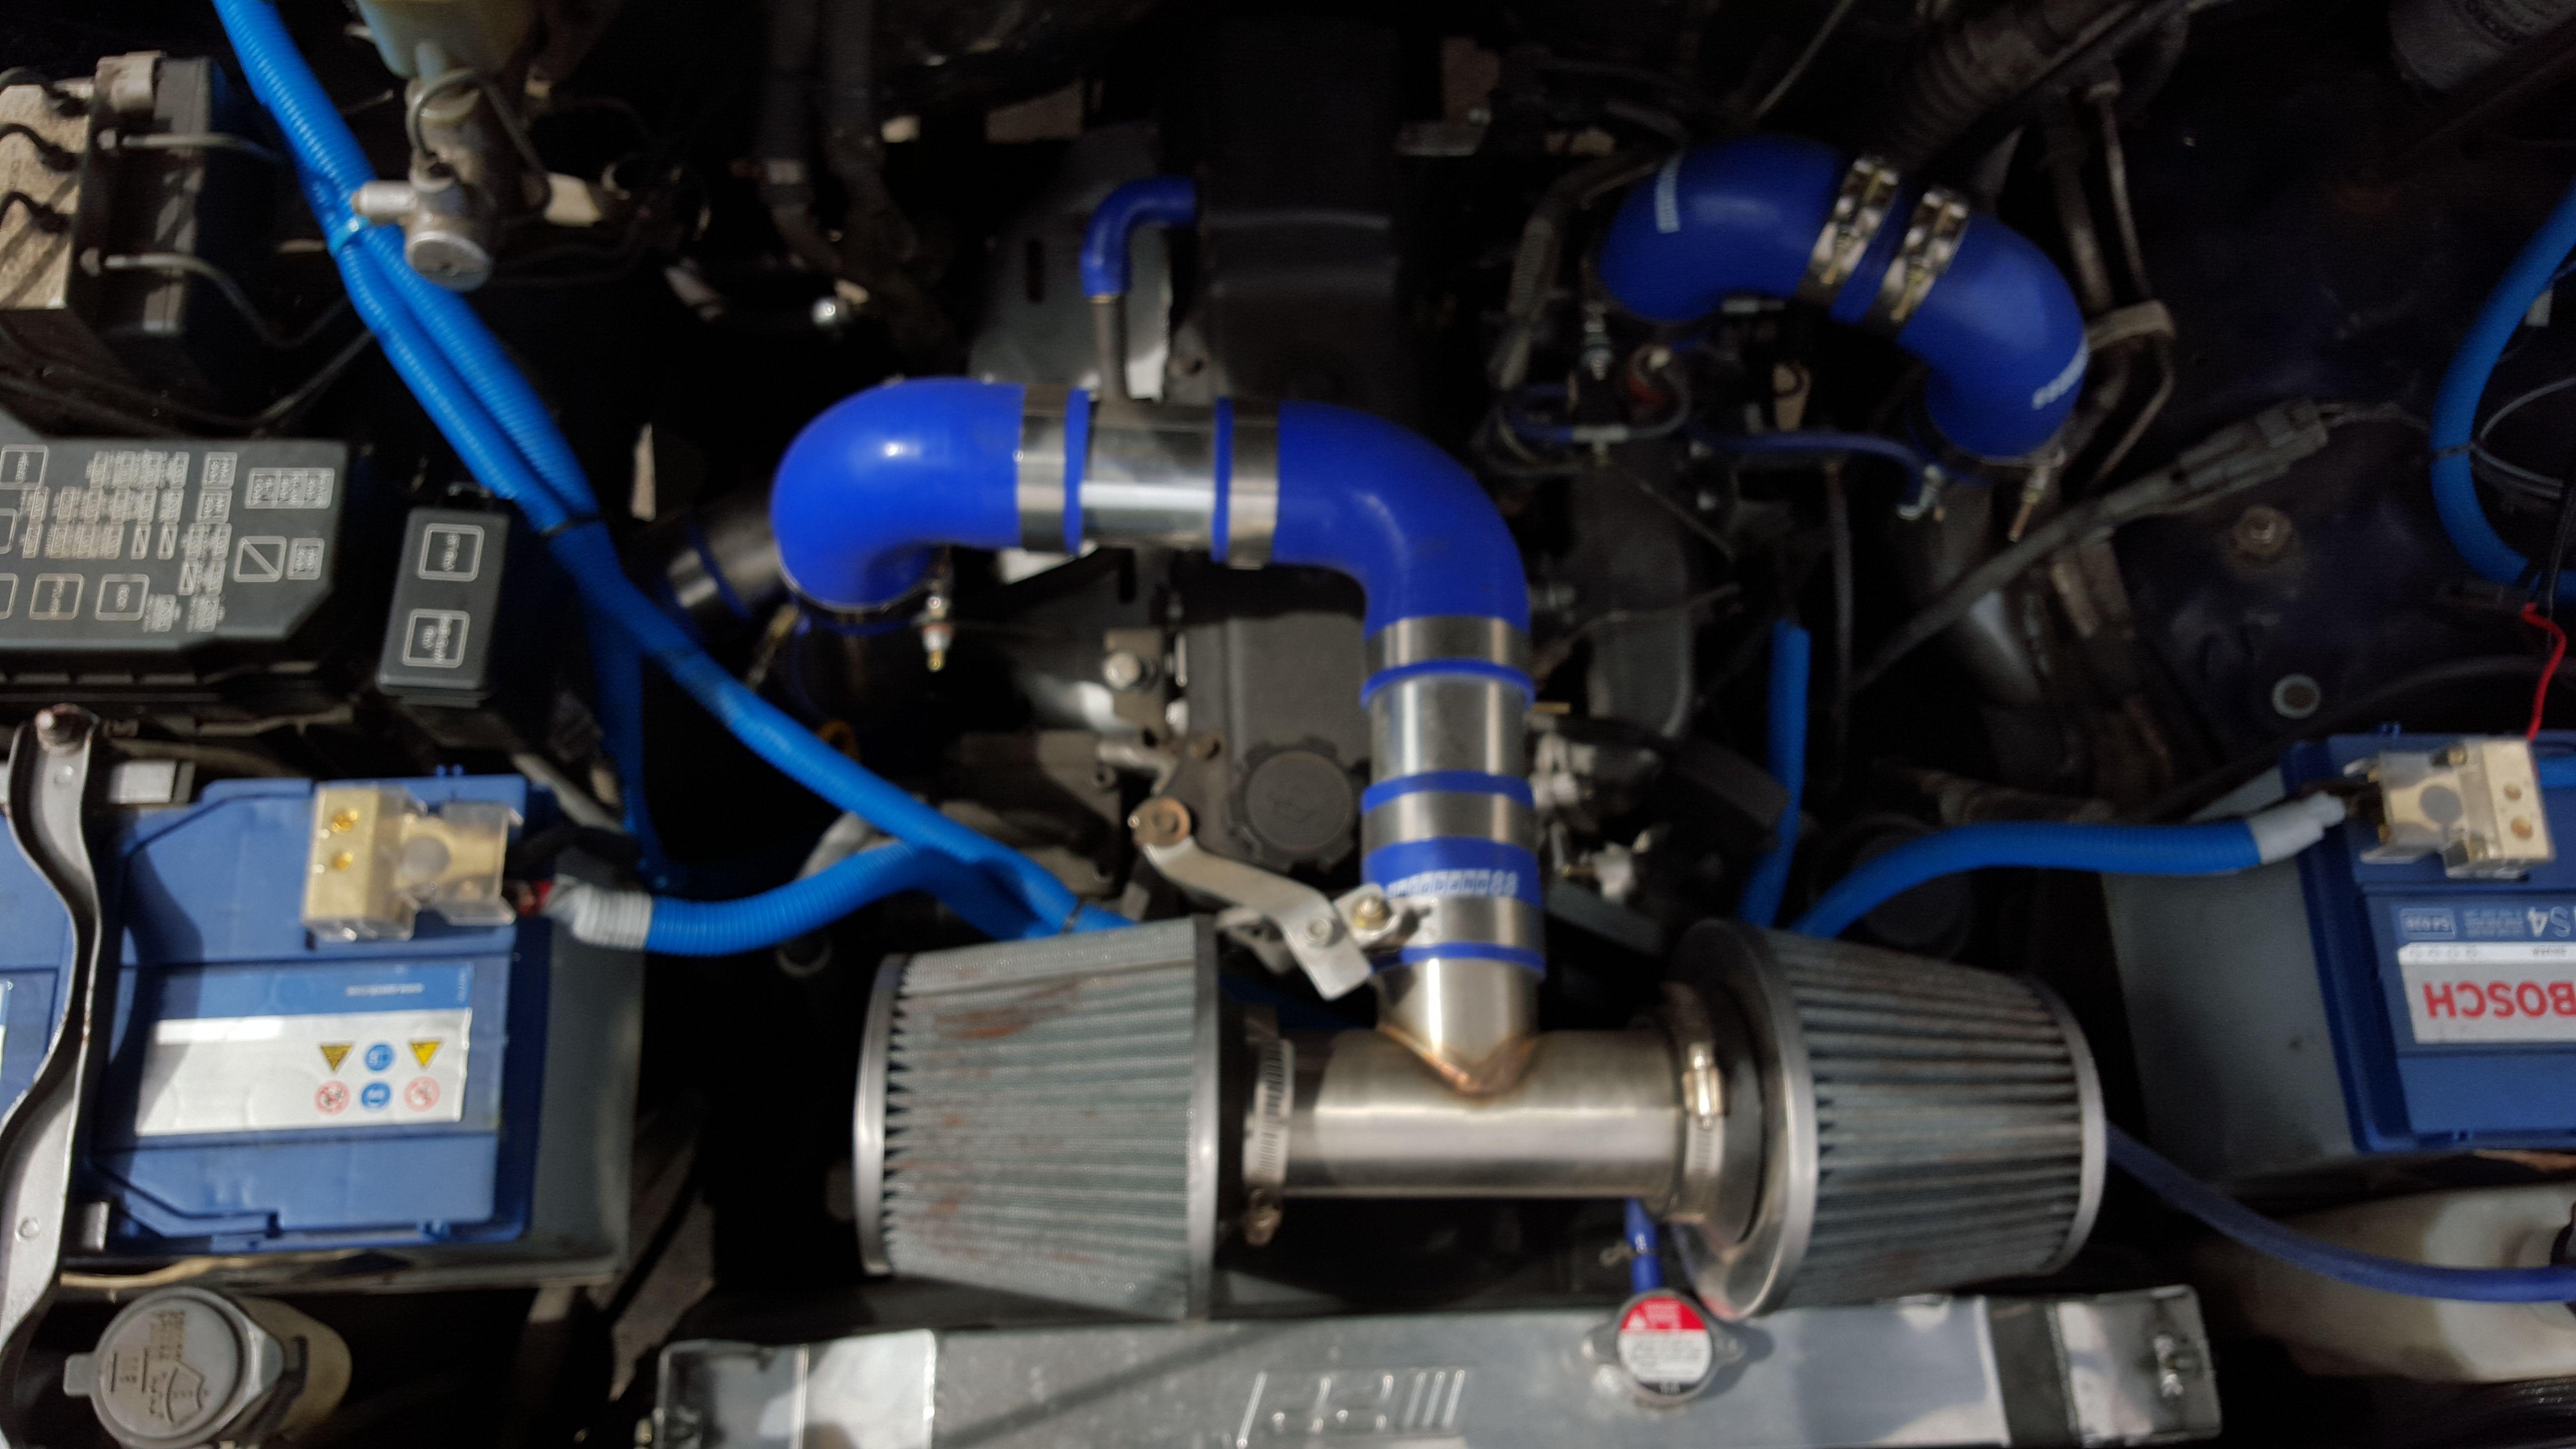 1kz te Landcruiser 90 / 95 engine bay showing some intercooler pipe